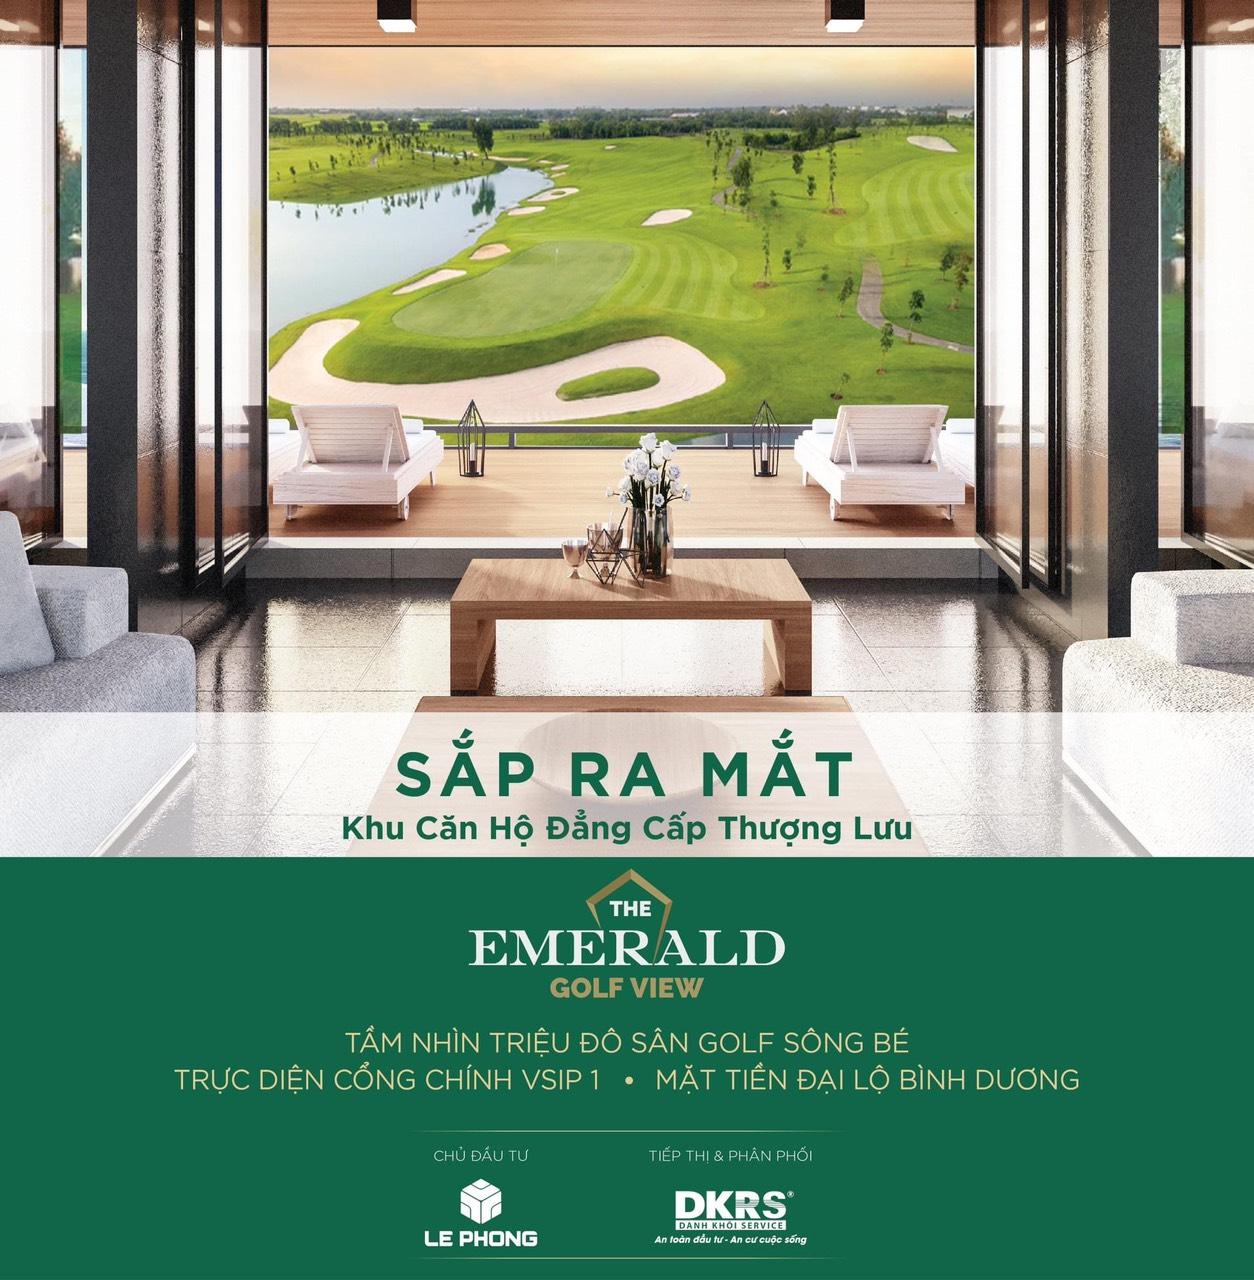 Bật Mí Ông Lớn Nào Làm Chủ Đầu Tư Dự Án The Emerald Golf View Nổi Tiếng